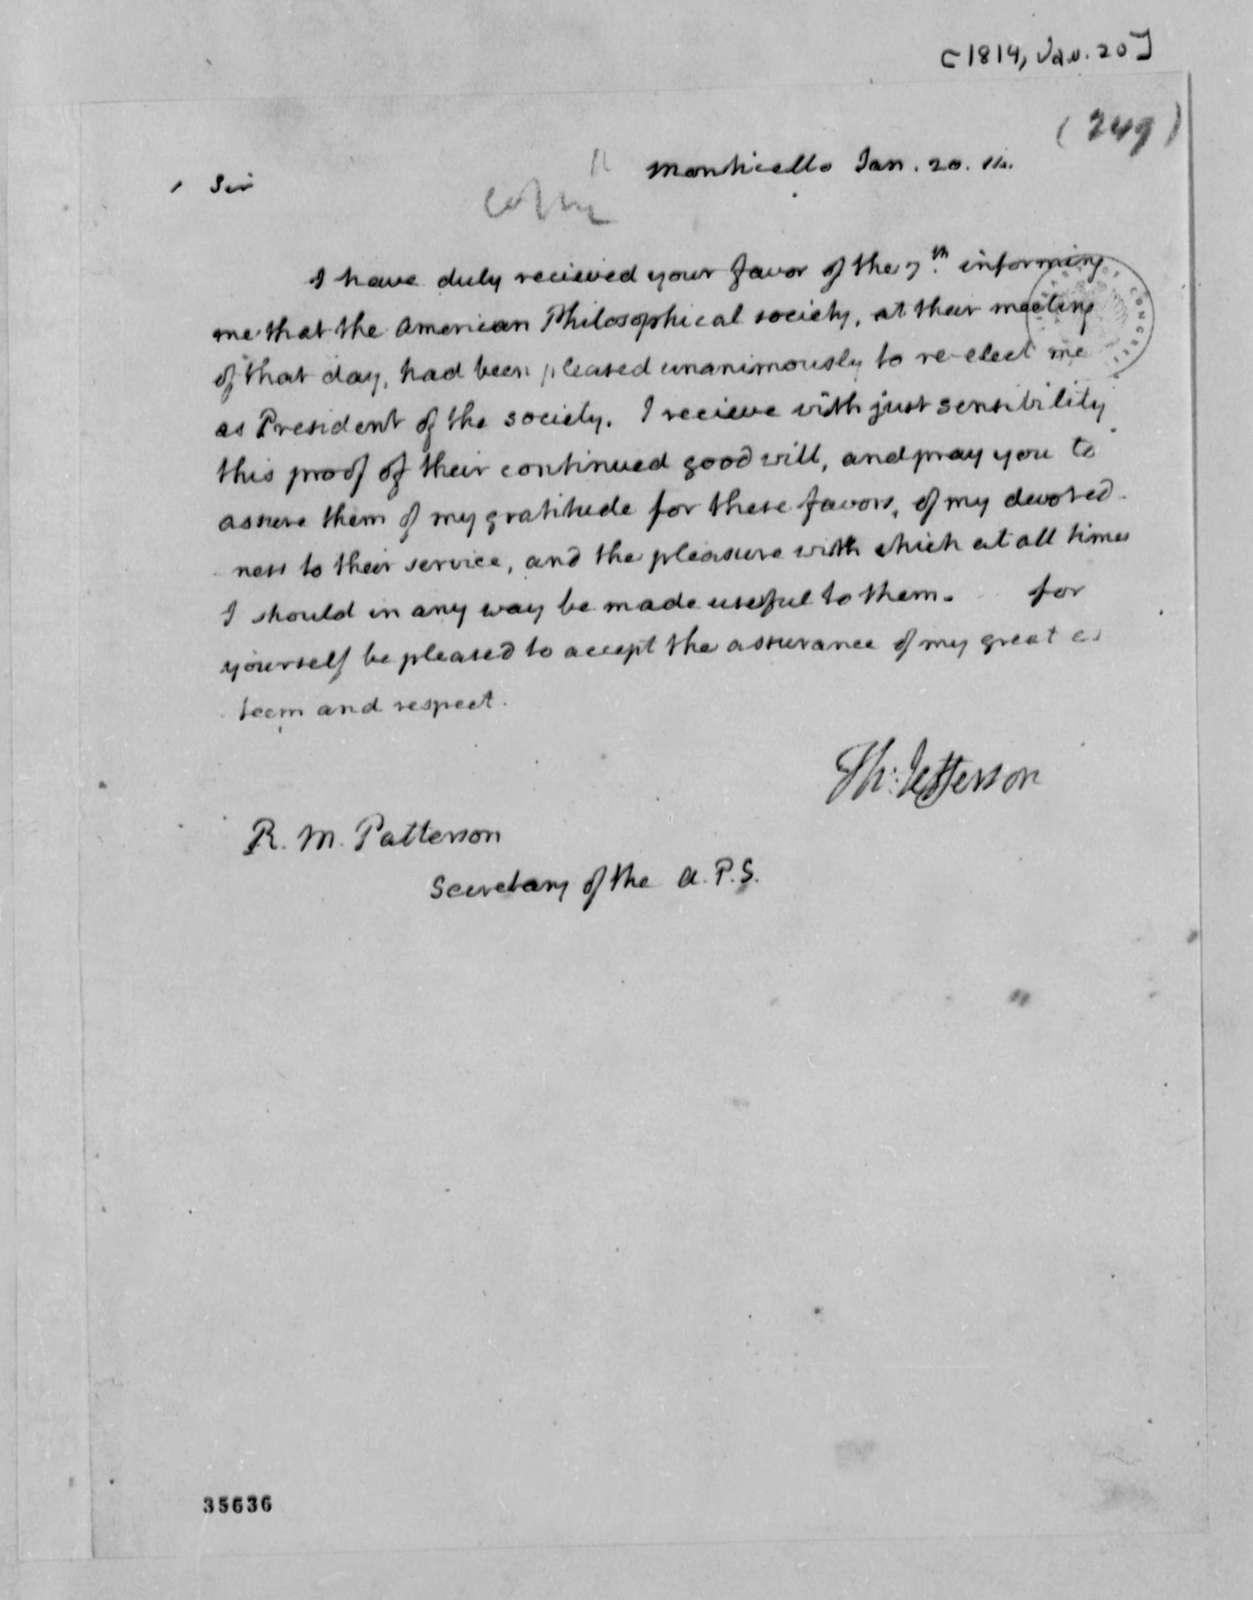 Thomas Jefferson to Robert Patterson, January 20, 1814